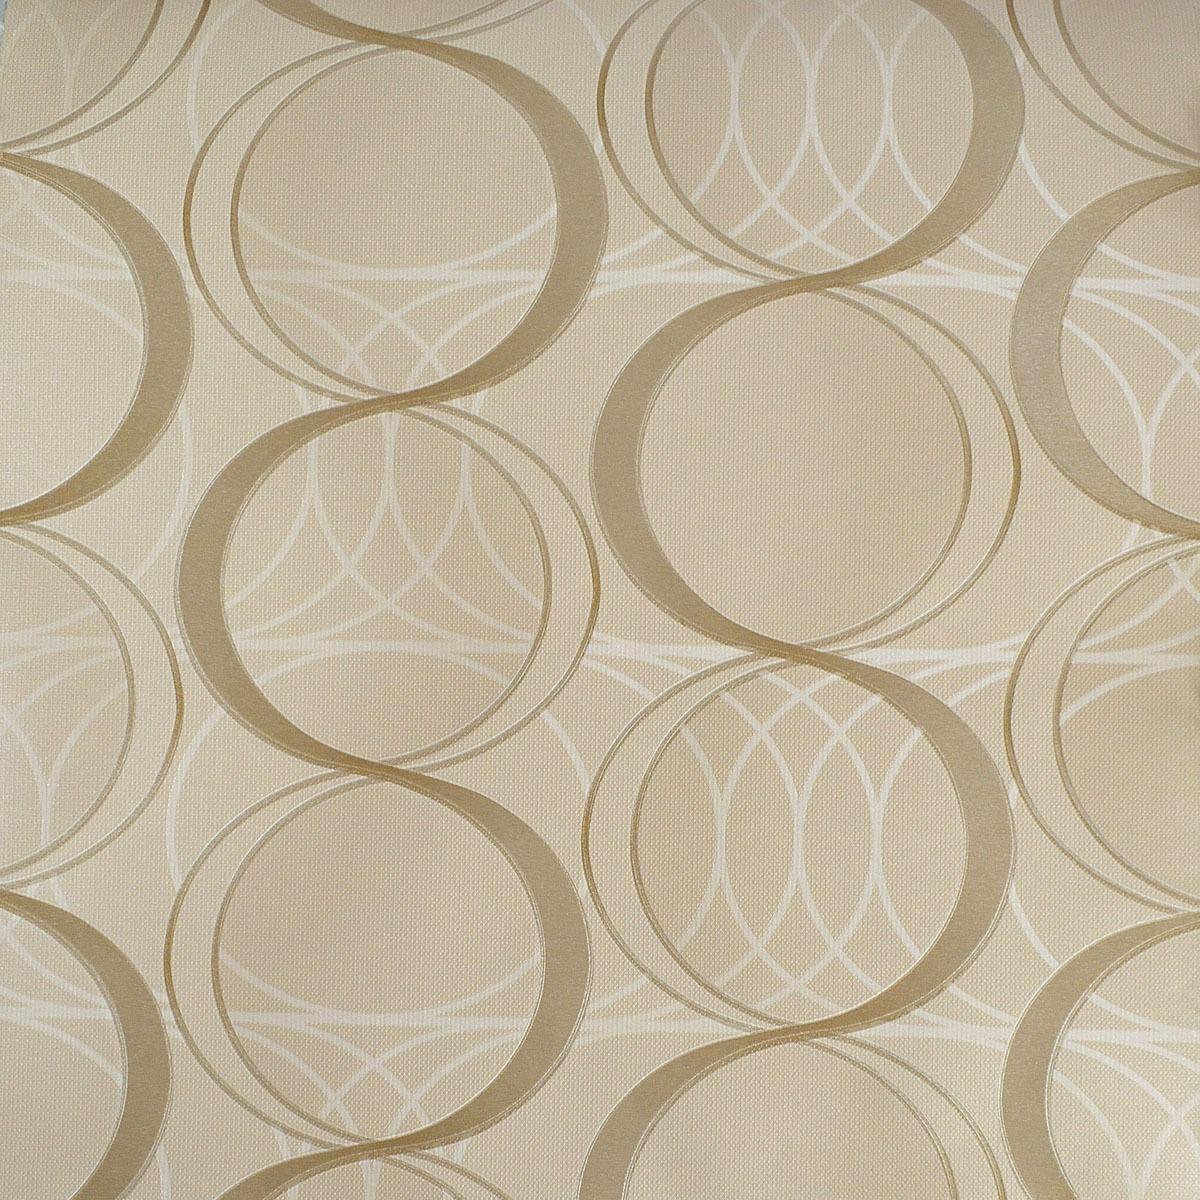 Papel de parede rolo alto padr o bege dourado alto relevo - Papel de pared moderno ...